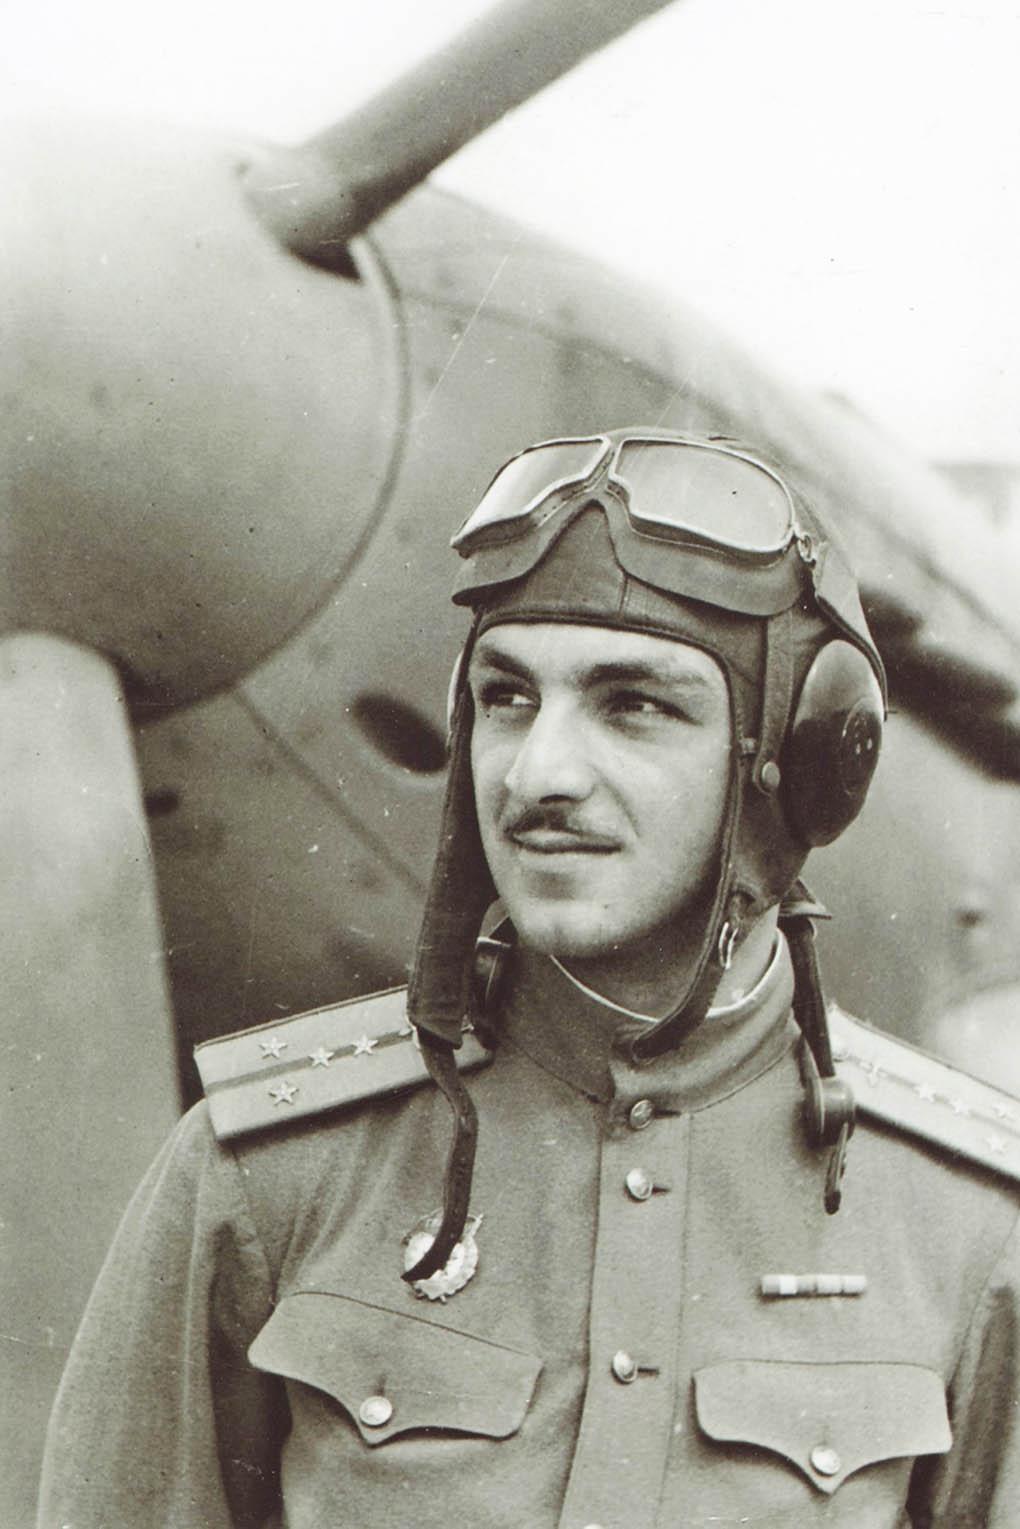 Степан Микоян у своего истребителя Як-9 (полевой аэродром Двоевка, 1944 г.).